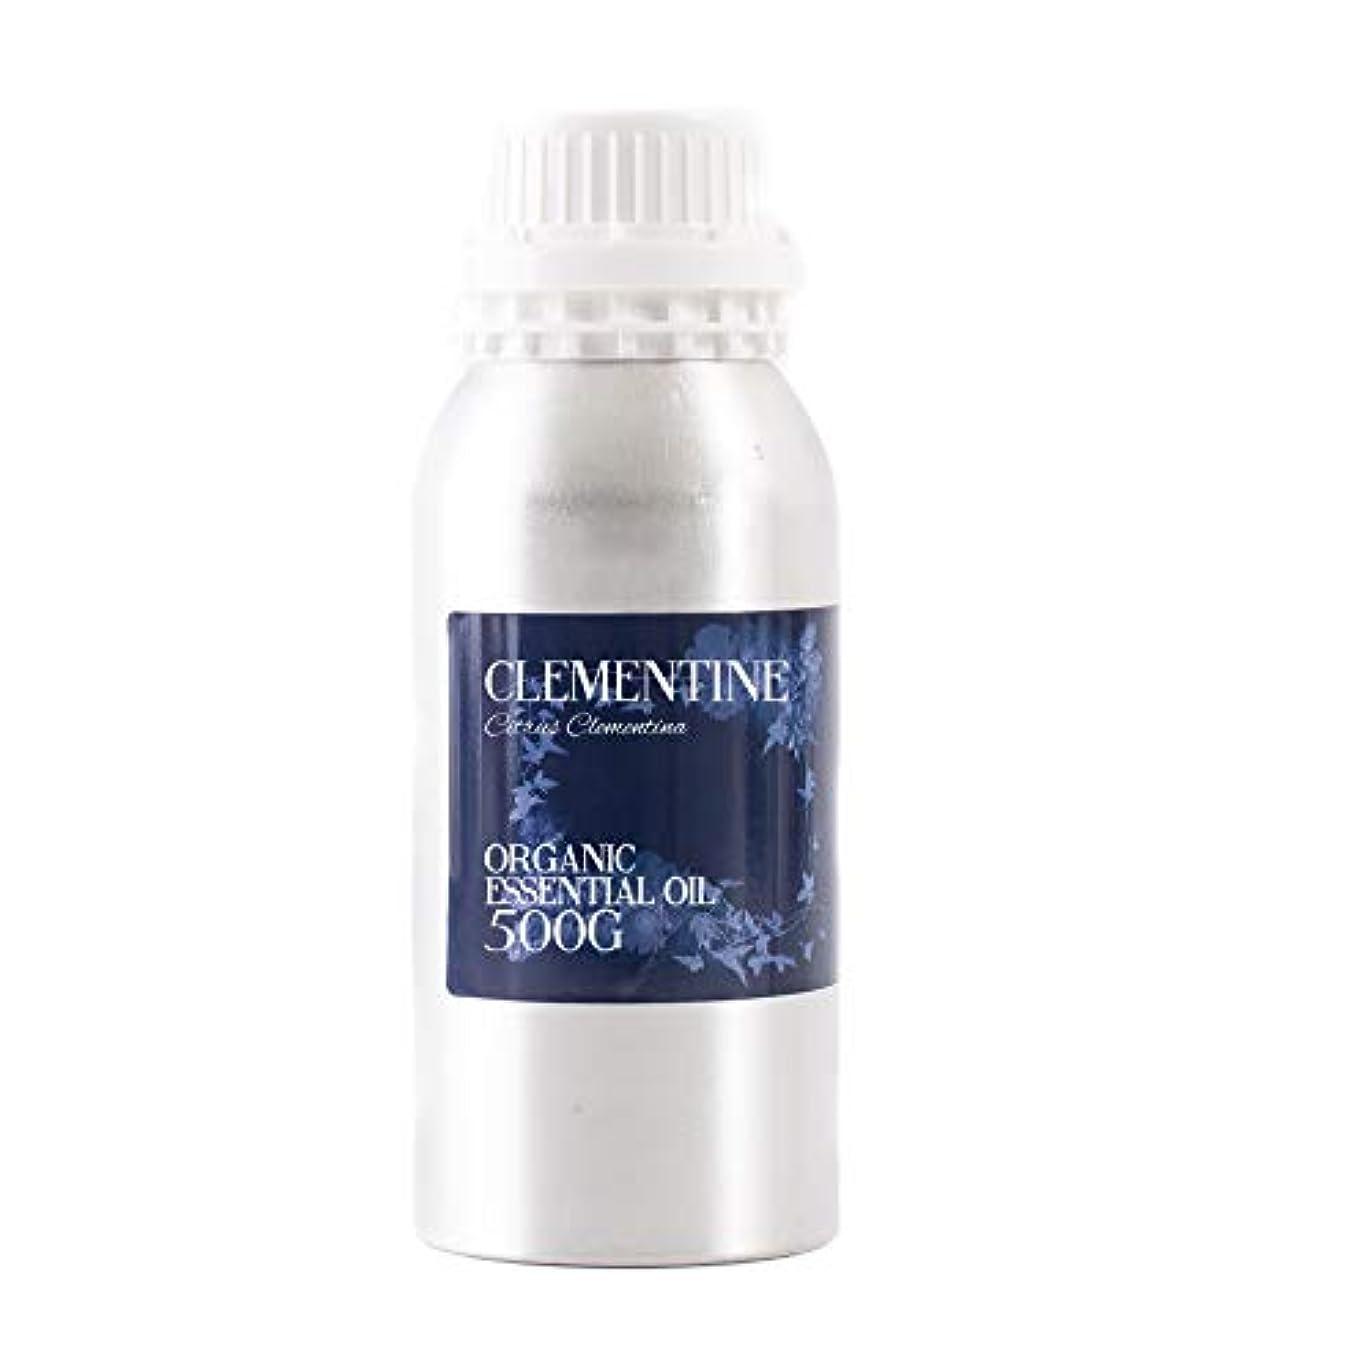 トムオードリース徴収凝視Mystic Moments | Clementine Organic Essential Oil - 500g - 100% Pure